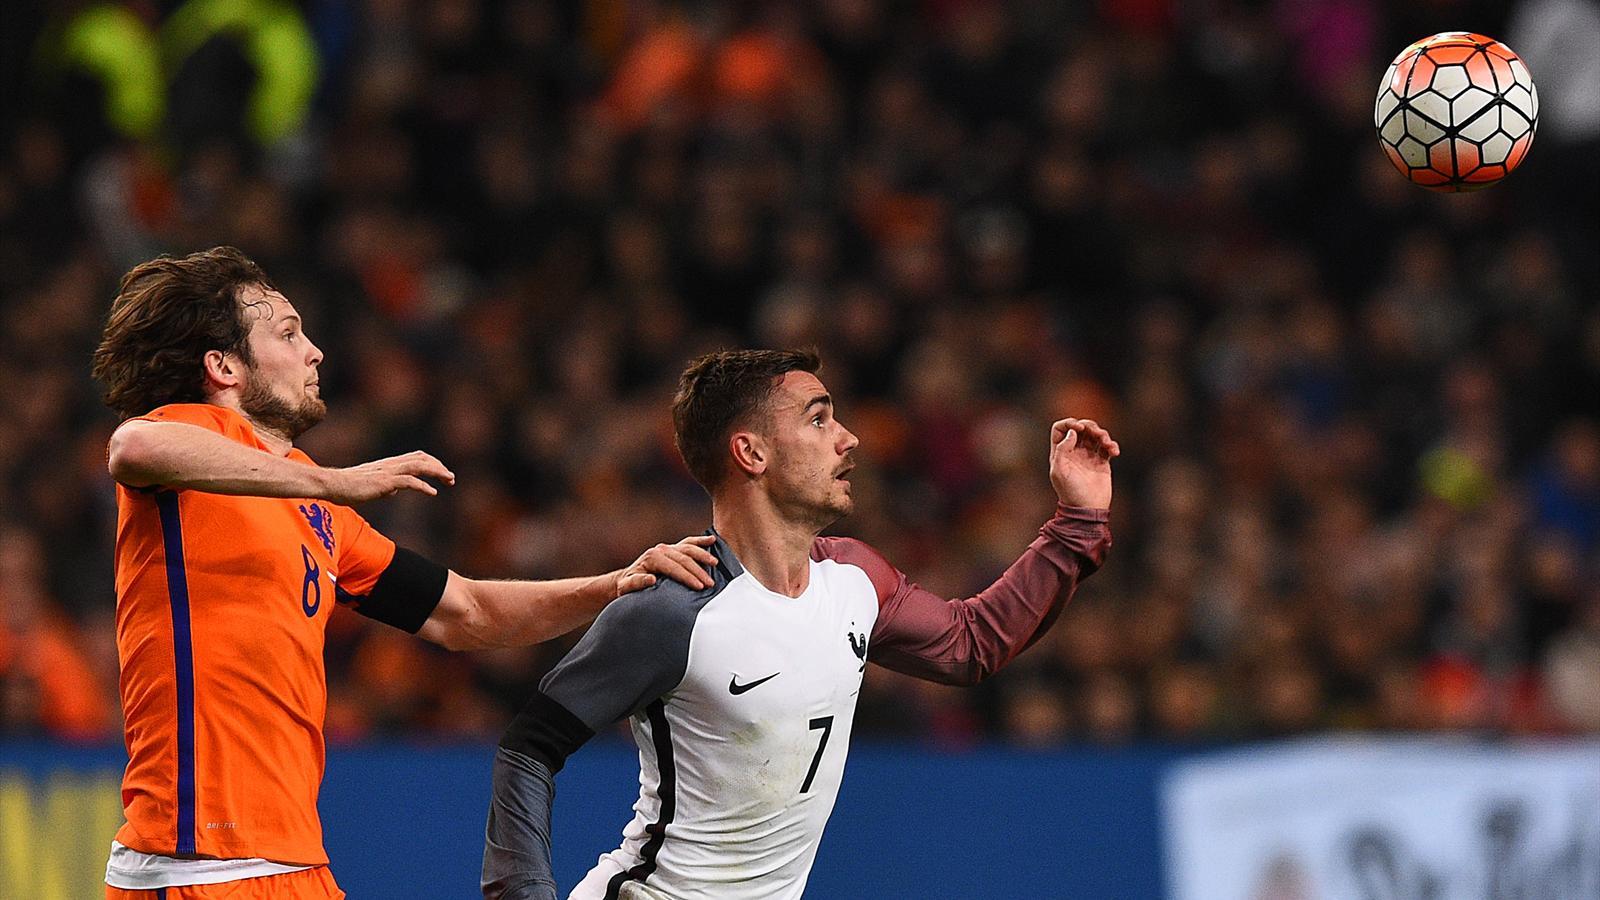 Pays bas france premier sommet gare au gadin qualif coupe du monde uefa 2018 - Coupe de france football calendrier ...